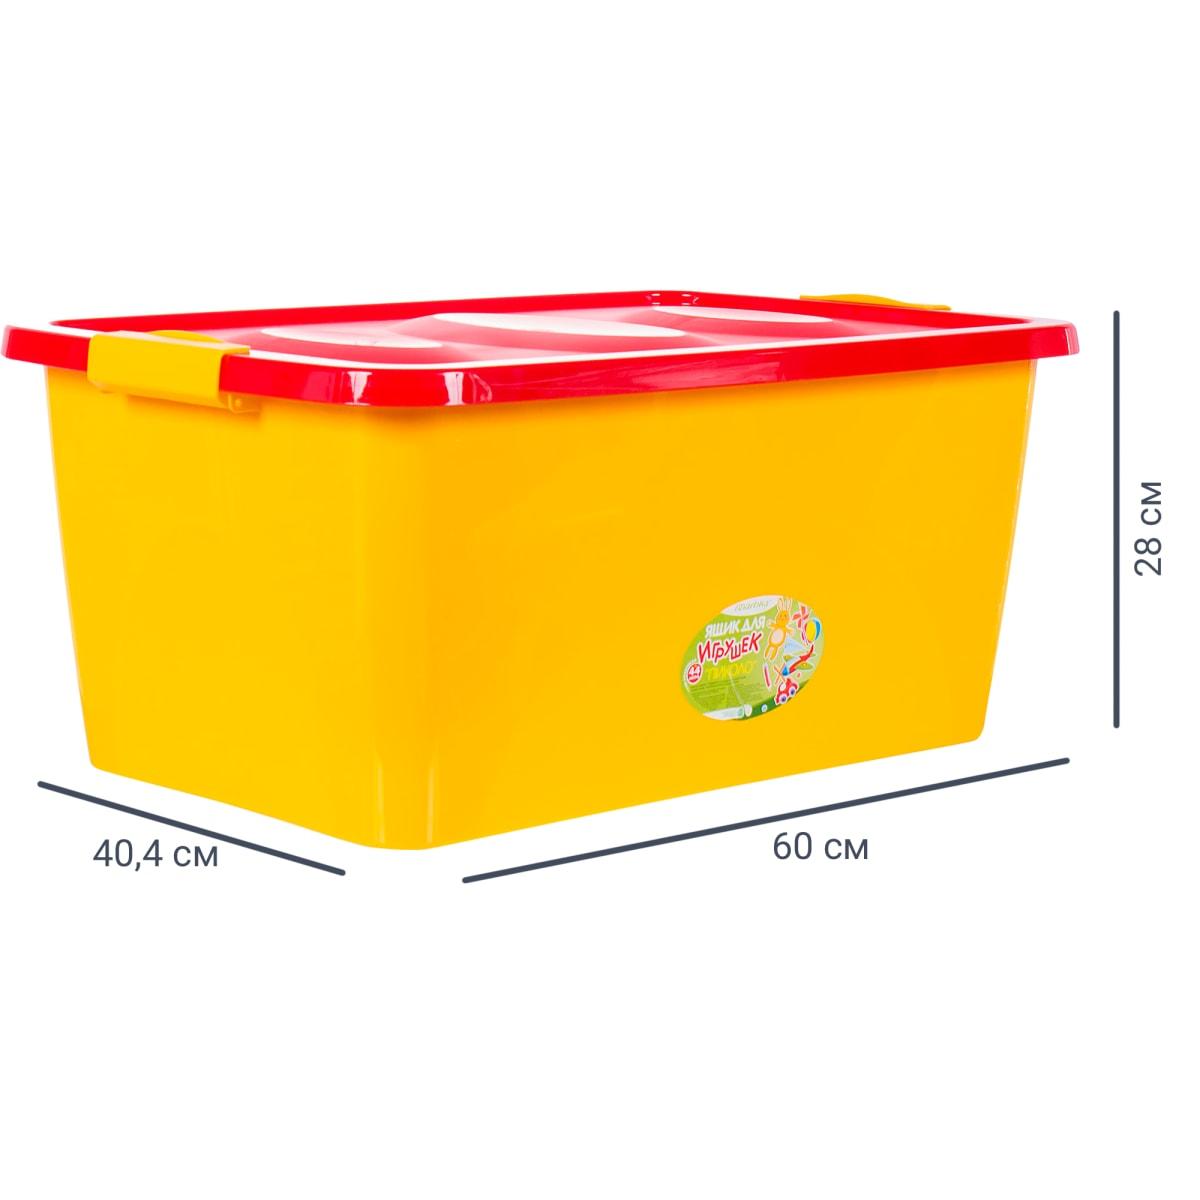 Ящик для игрушек 600x400x280 мм, 44 л, цвет жёлто-красный